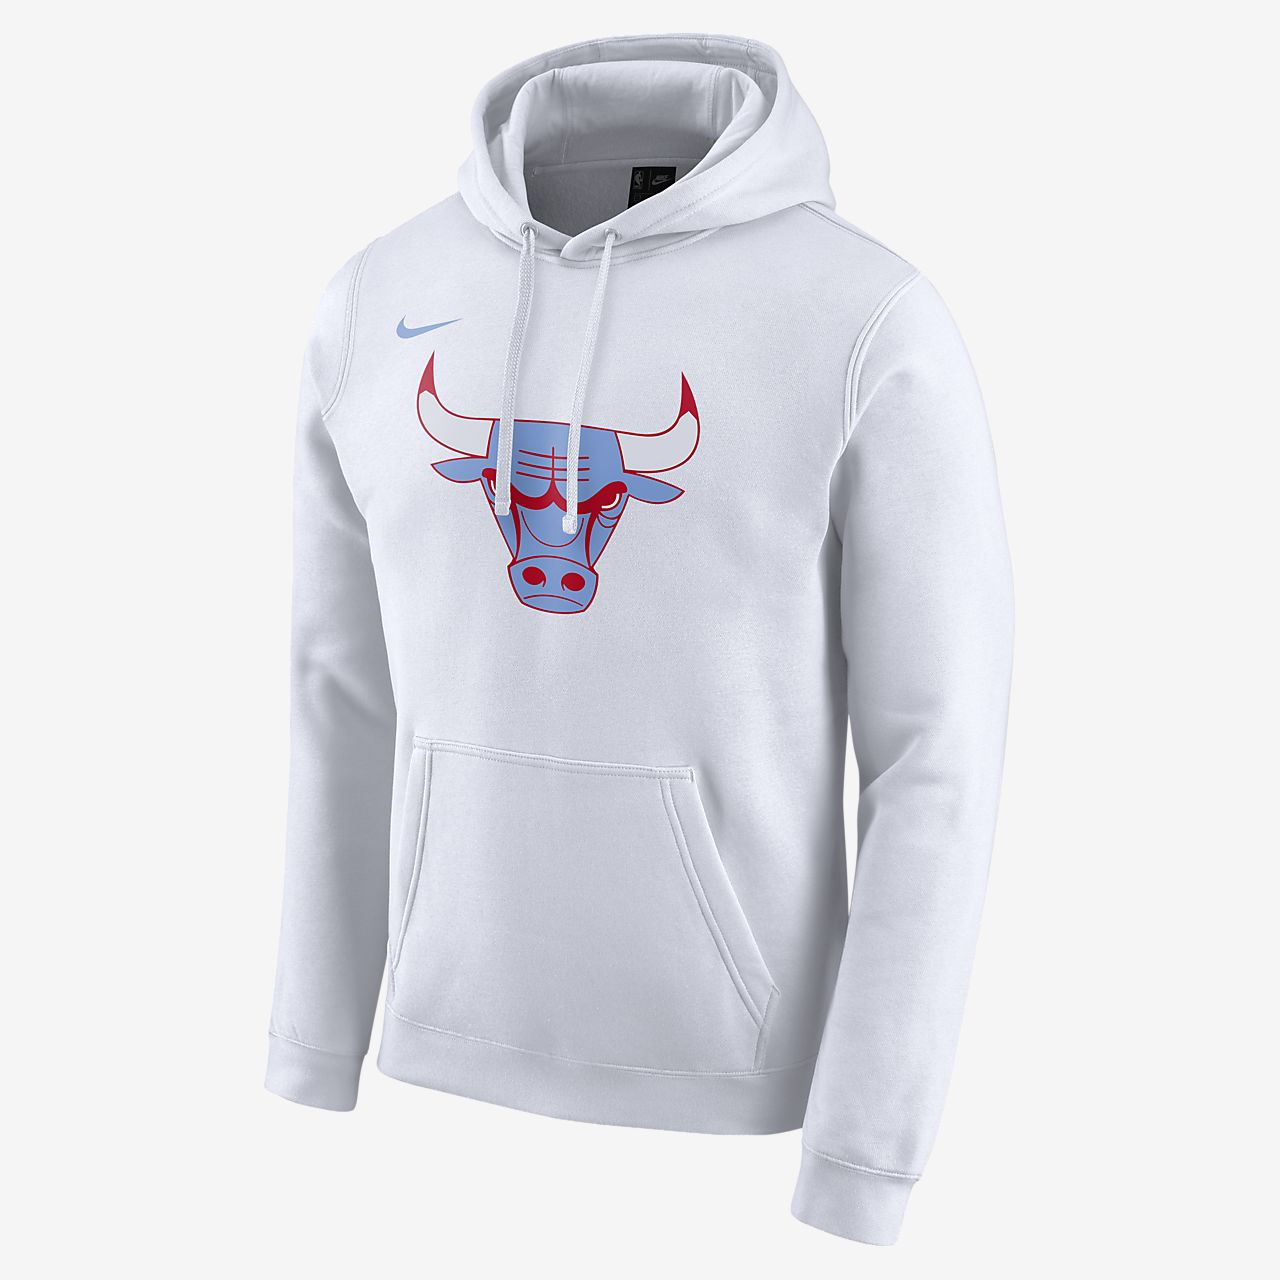 芝加哥公牛队 City Edition Logo Nike NBA 男子连帽衫